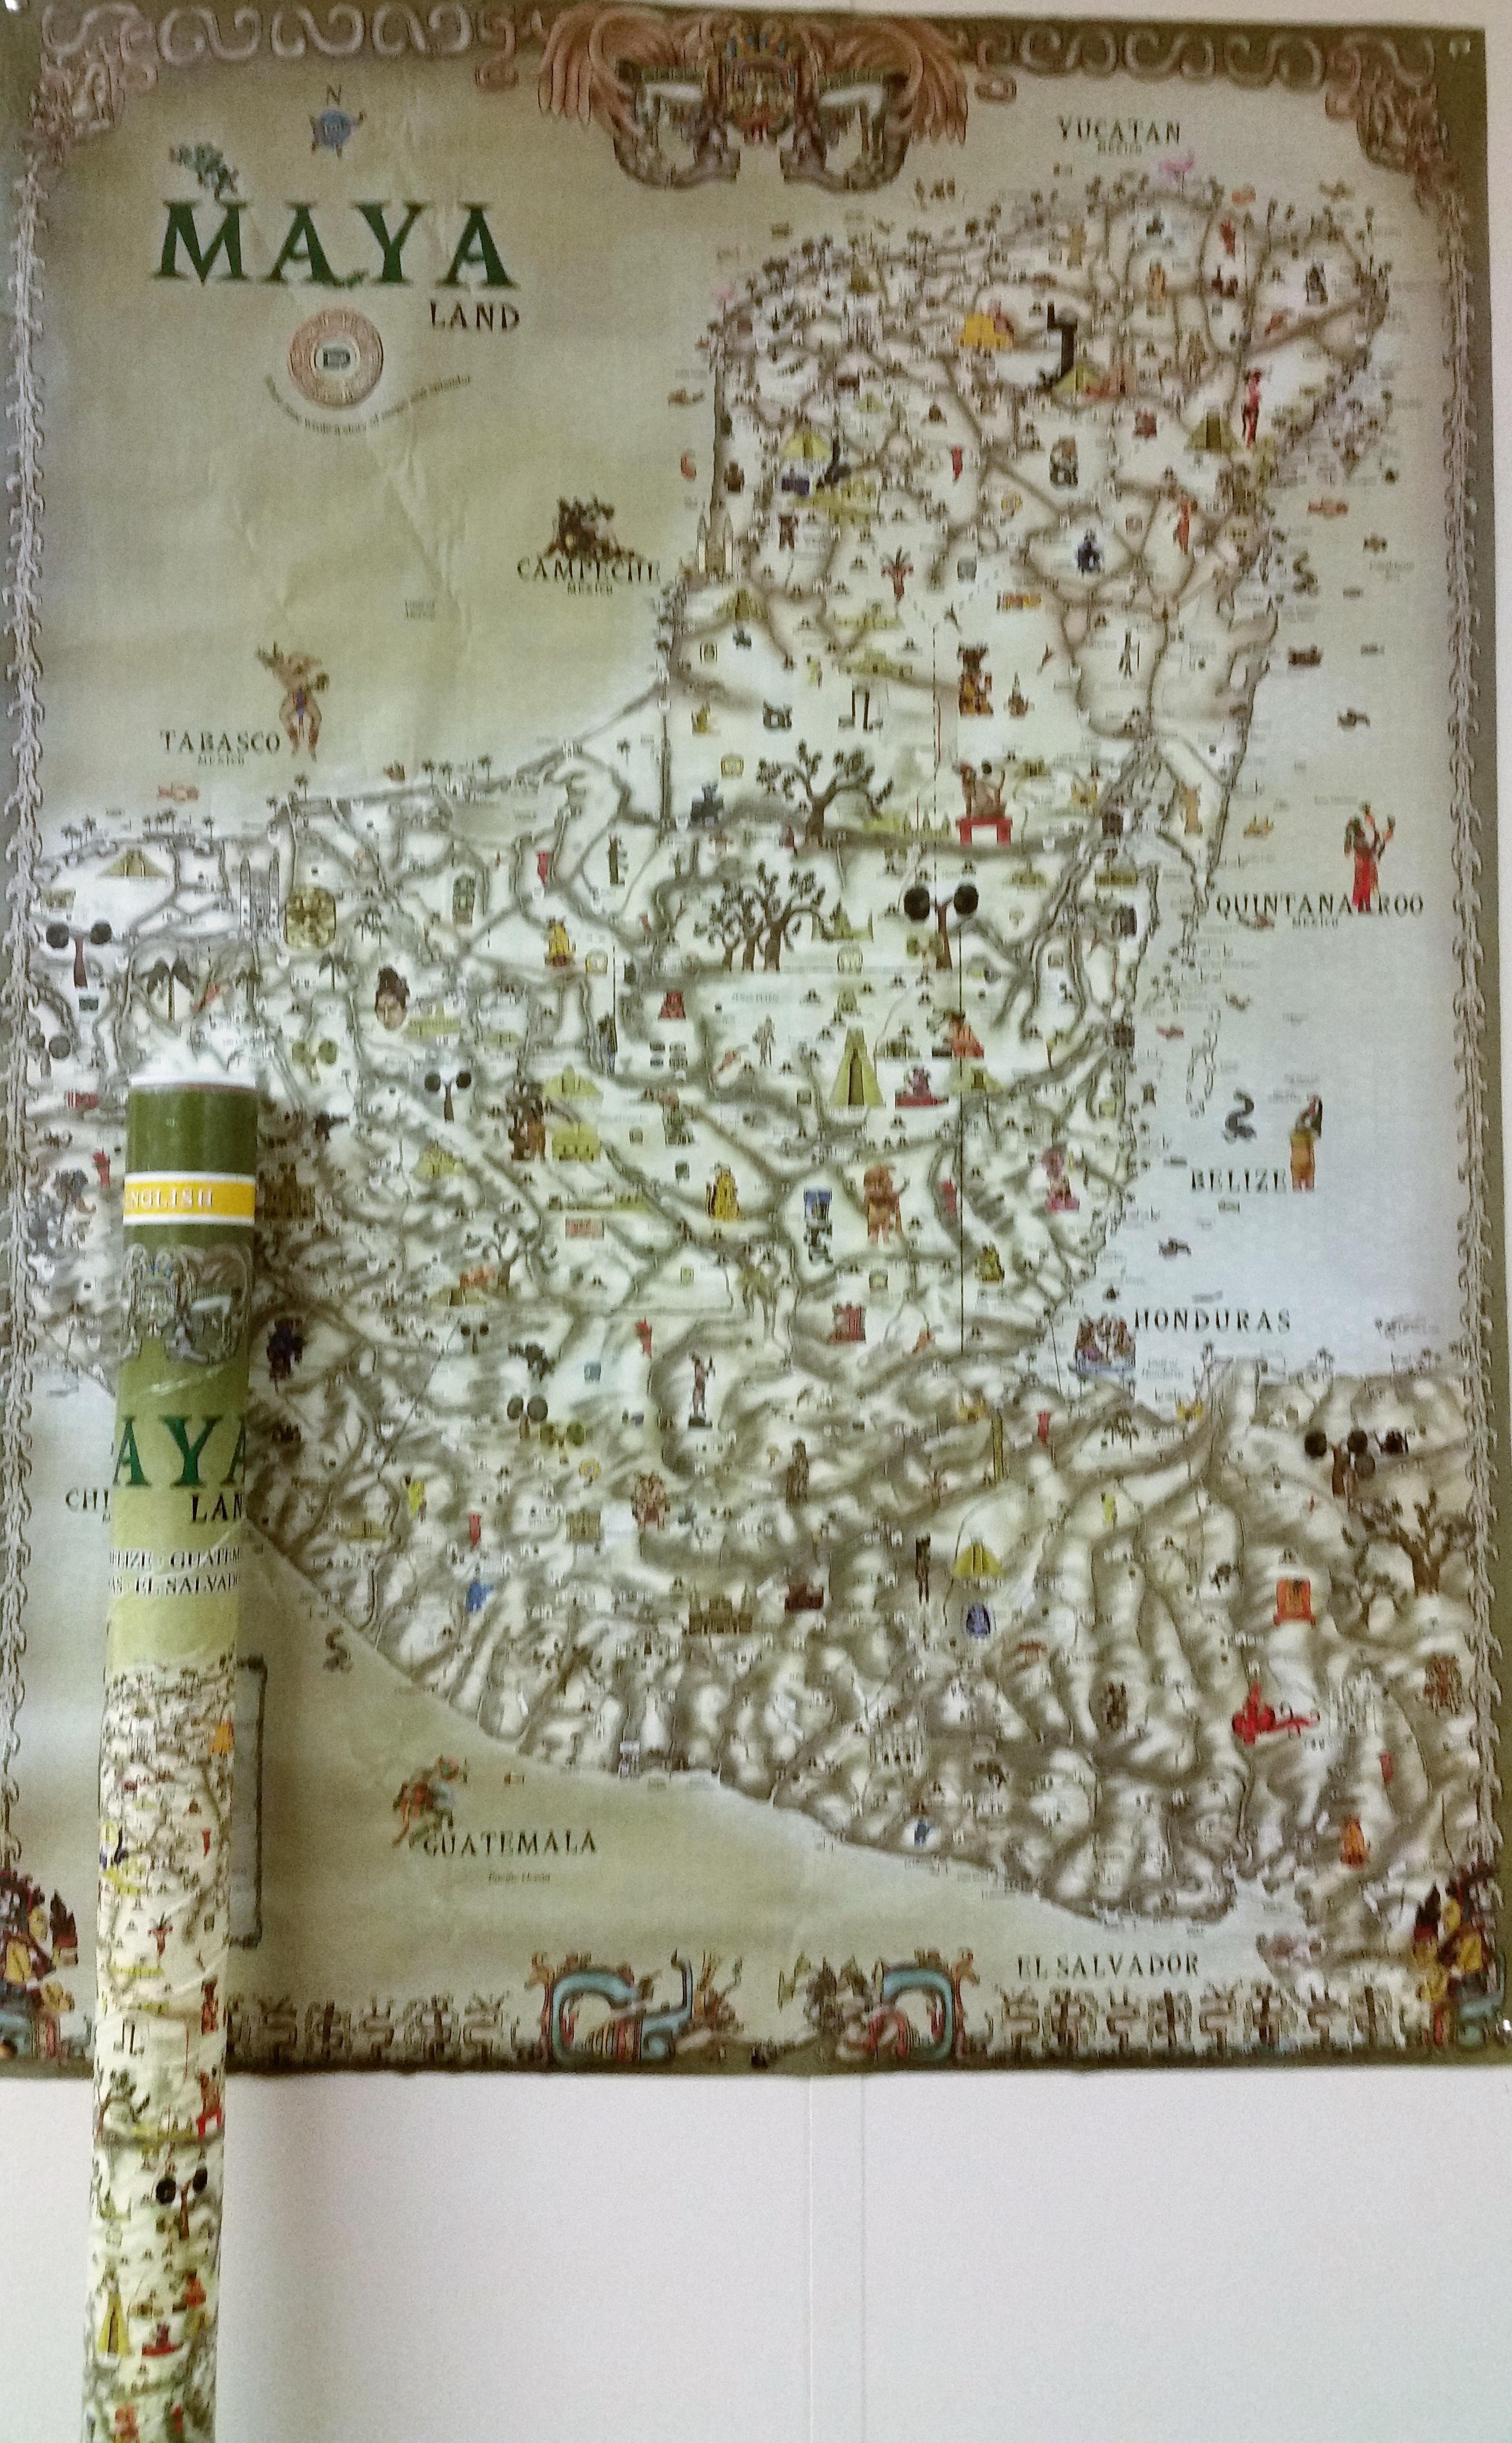 Maya World Map.Maya Land Map